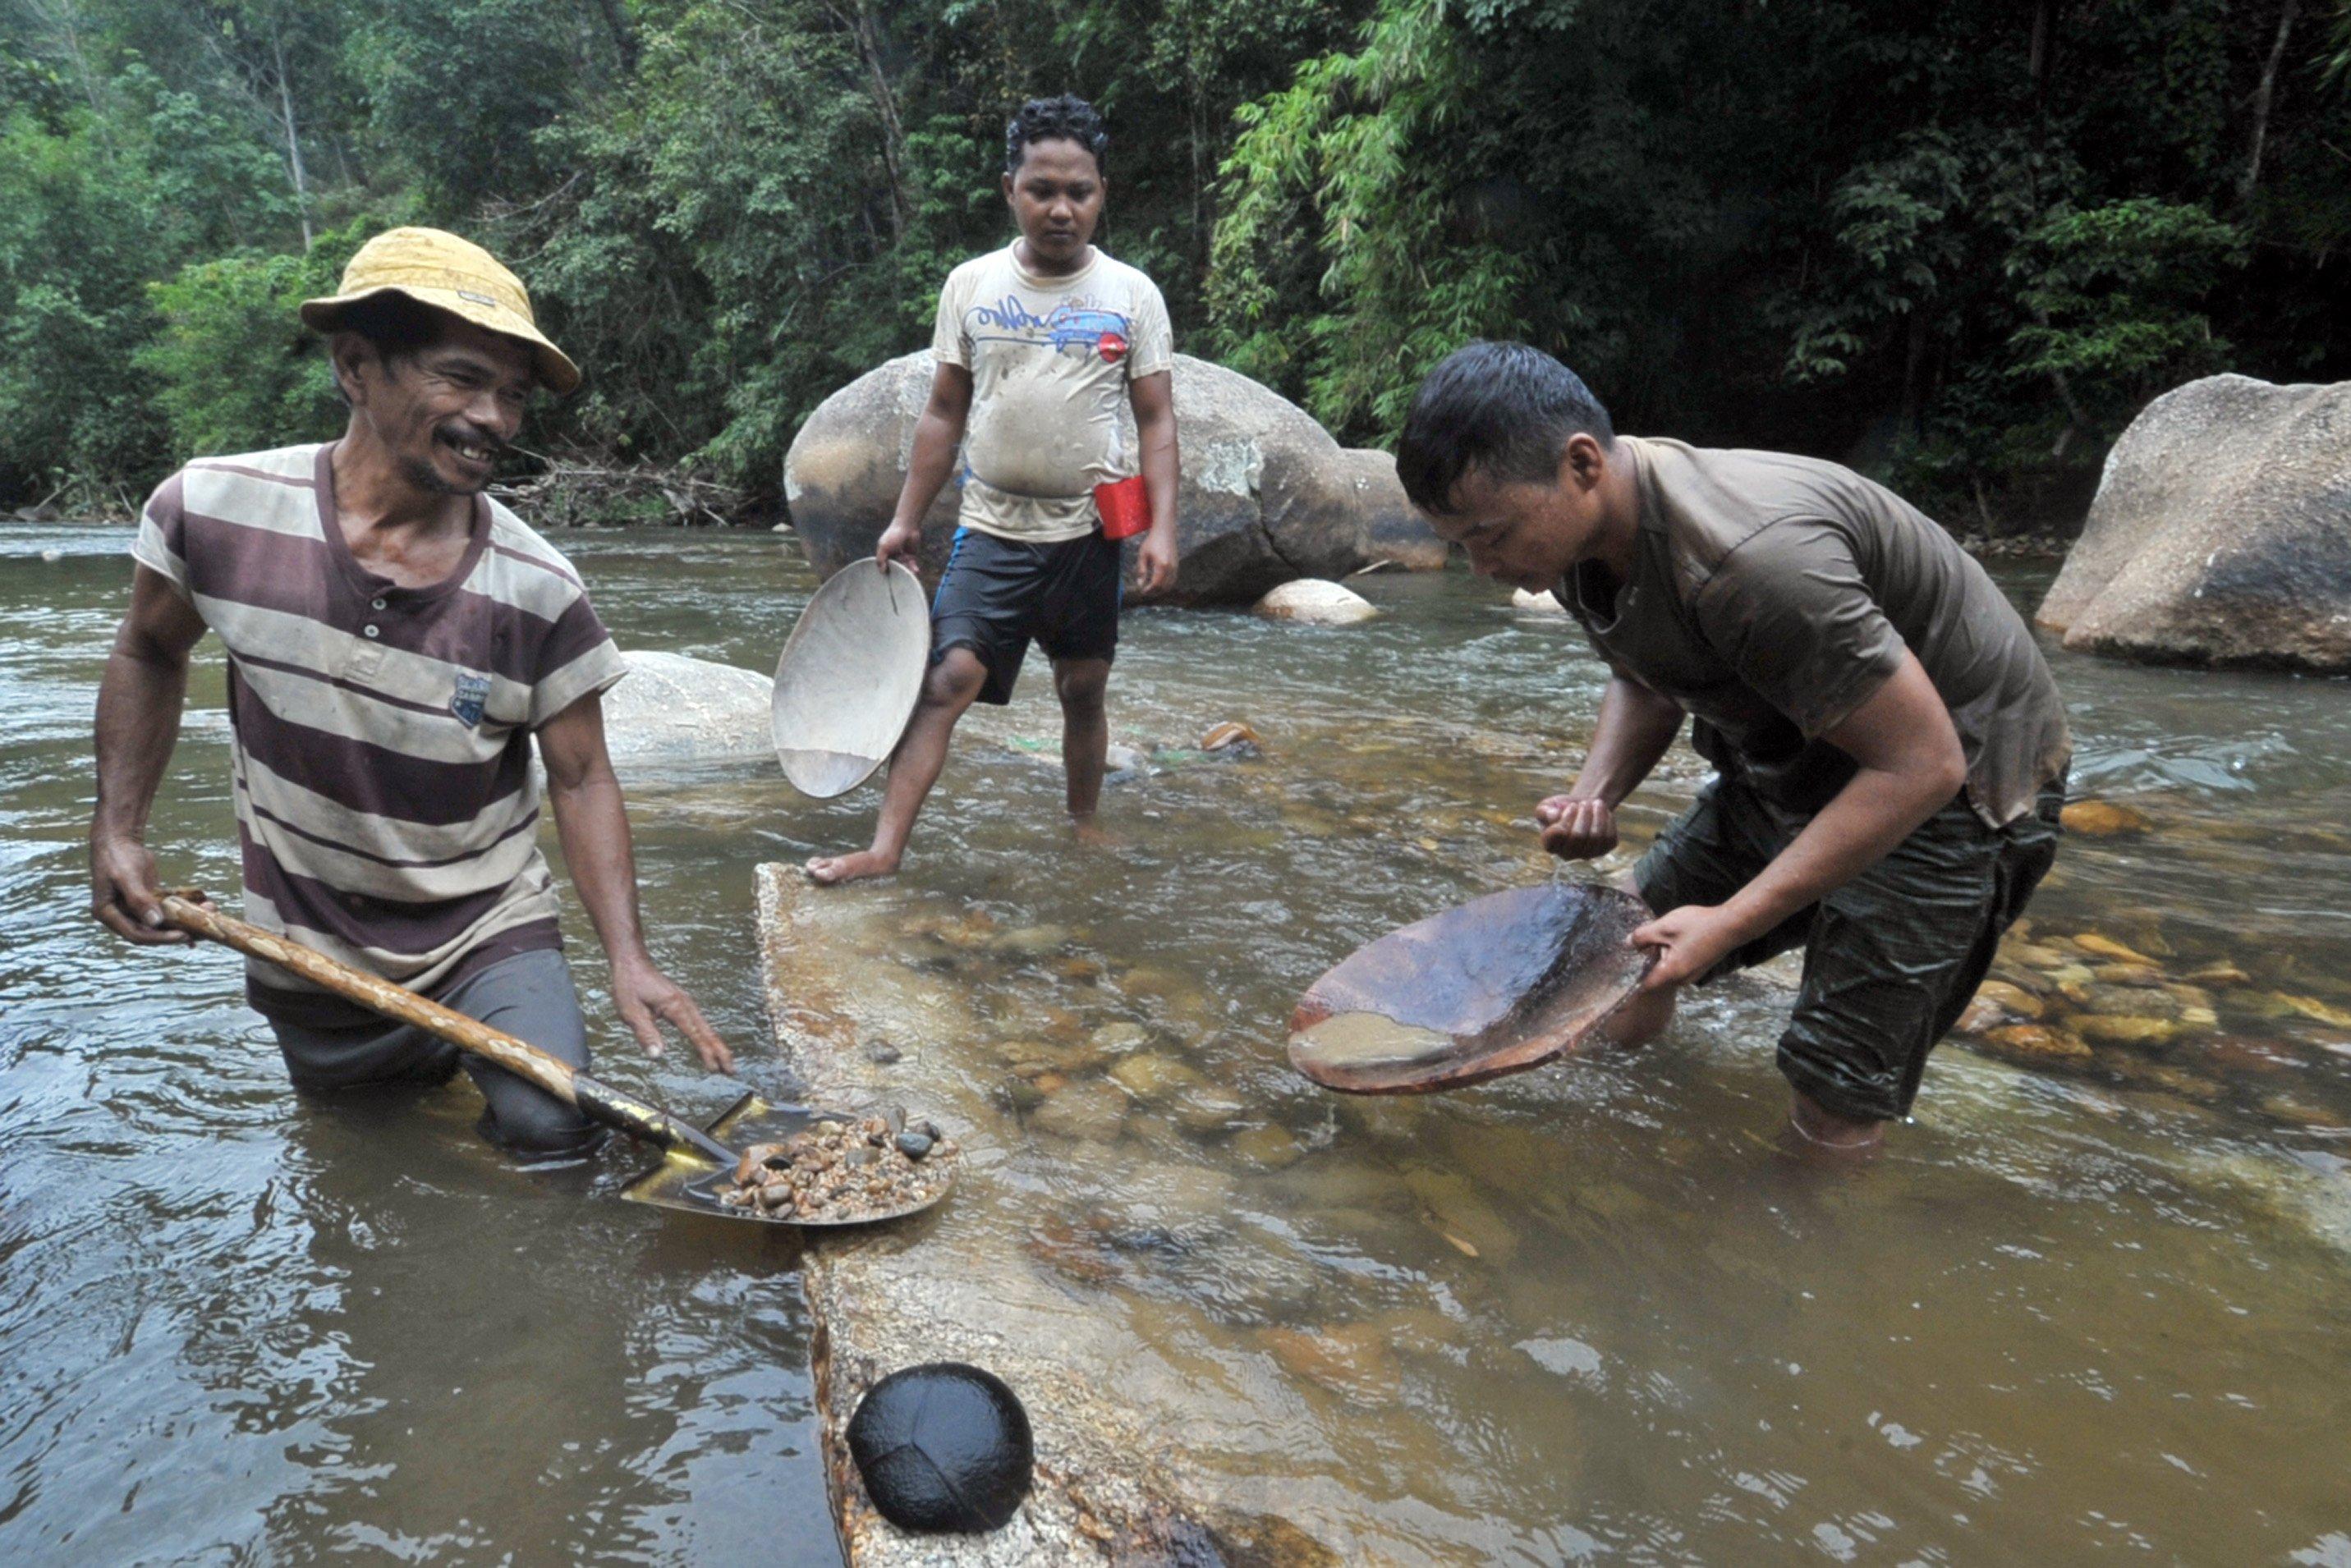 Warga mencari emas dengan mendulang di Sungai Batang Sumpur Lubuk Tasapik, Nagari Sisawah, Sumatera Barat.